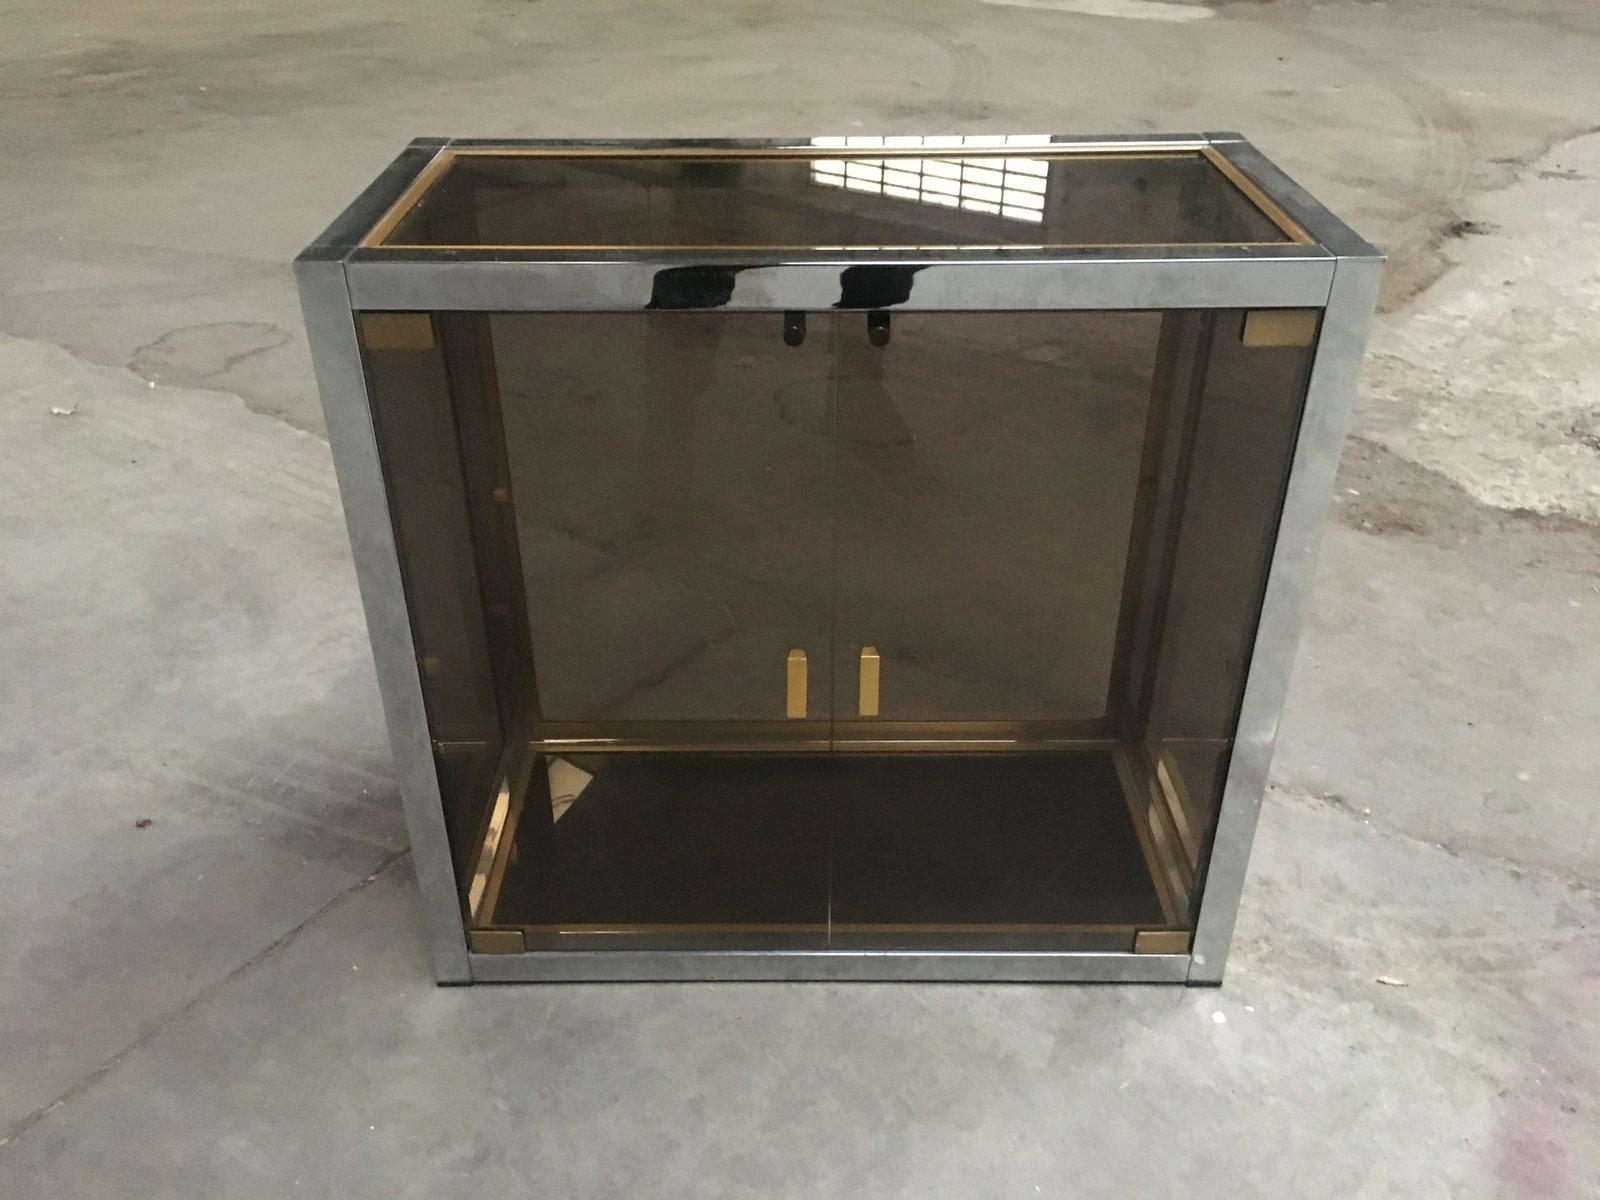 Gewaltig Vitrine Modern Galerie Von Mid-century In Chrome, Brass, And Smoked Glass